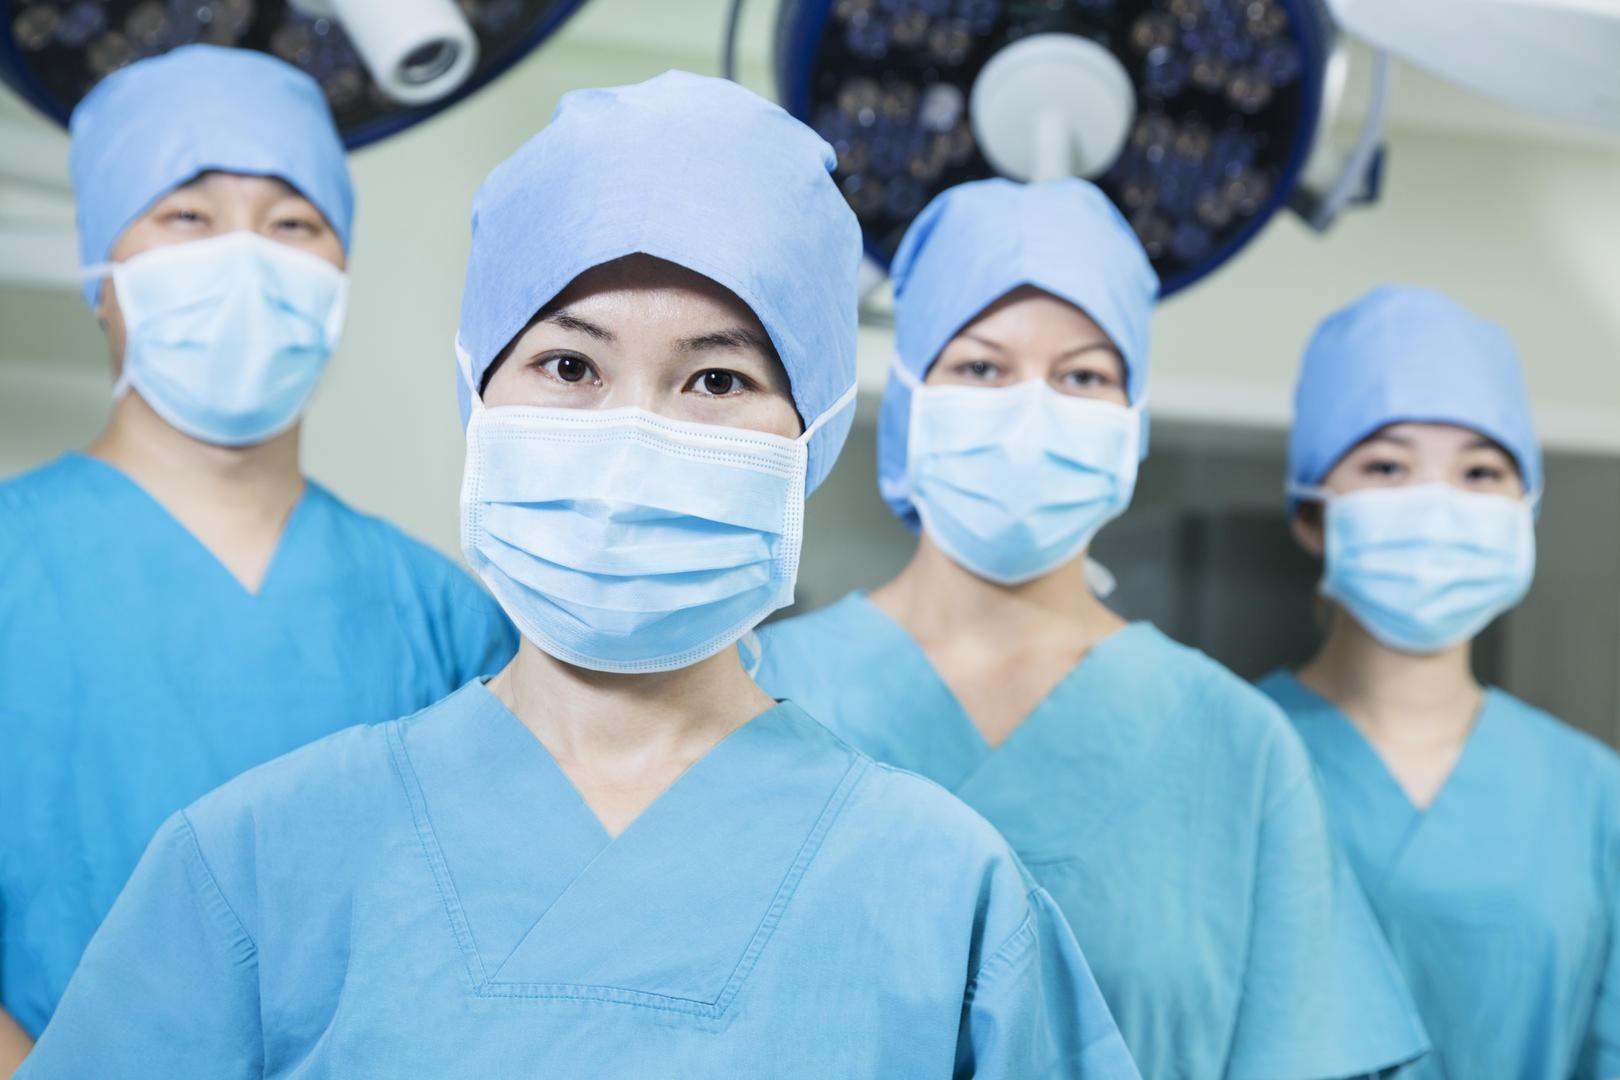 成都现有3例确诊病例、1例无症状感染者 均为境外输入